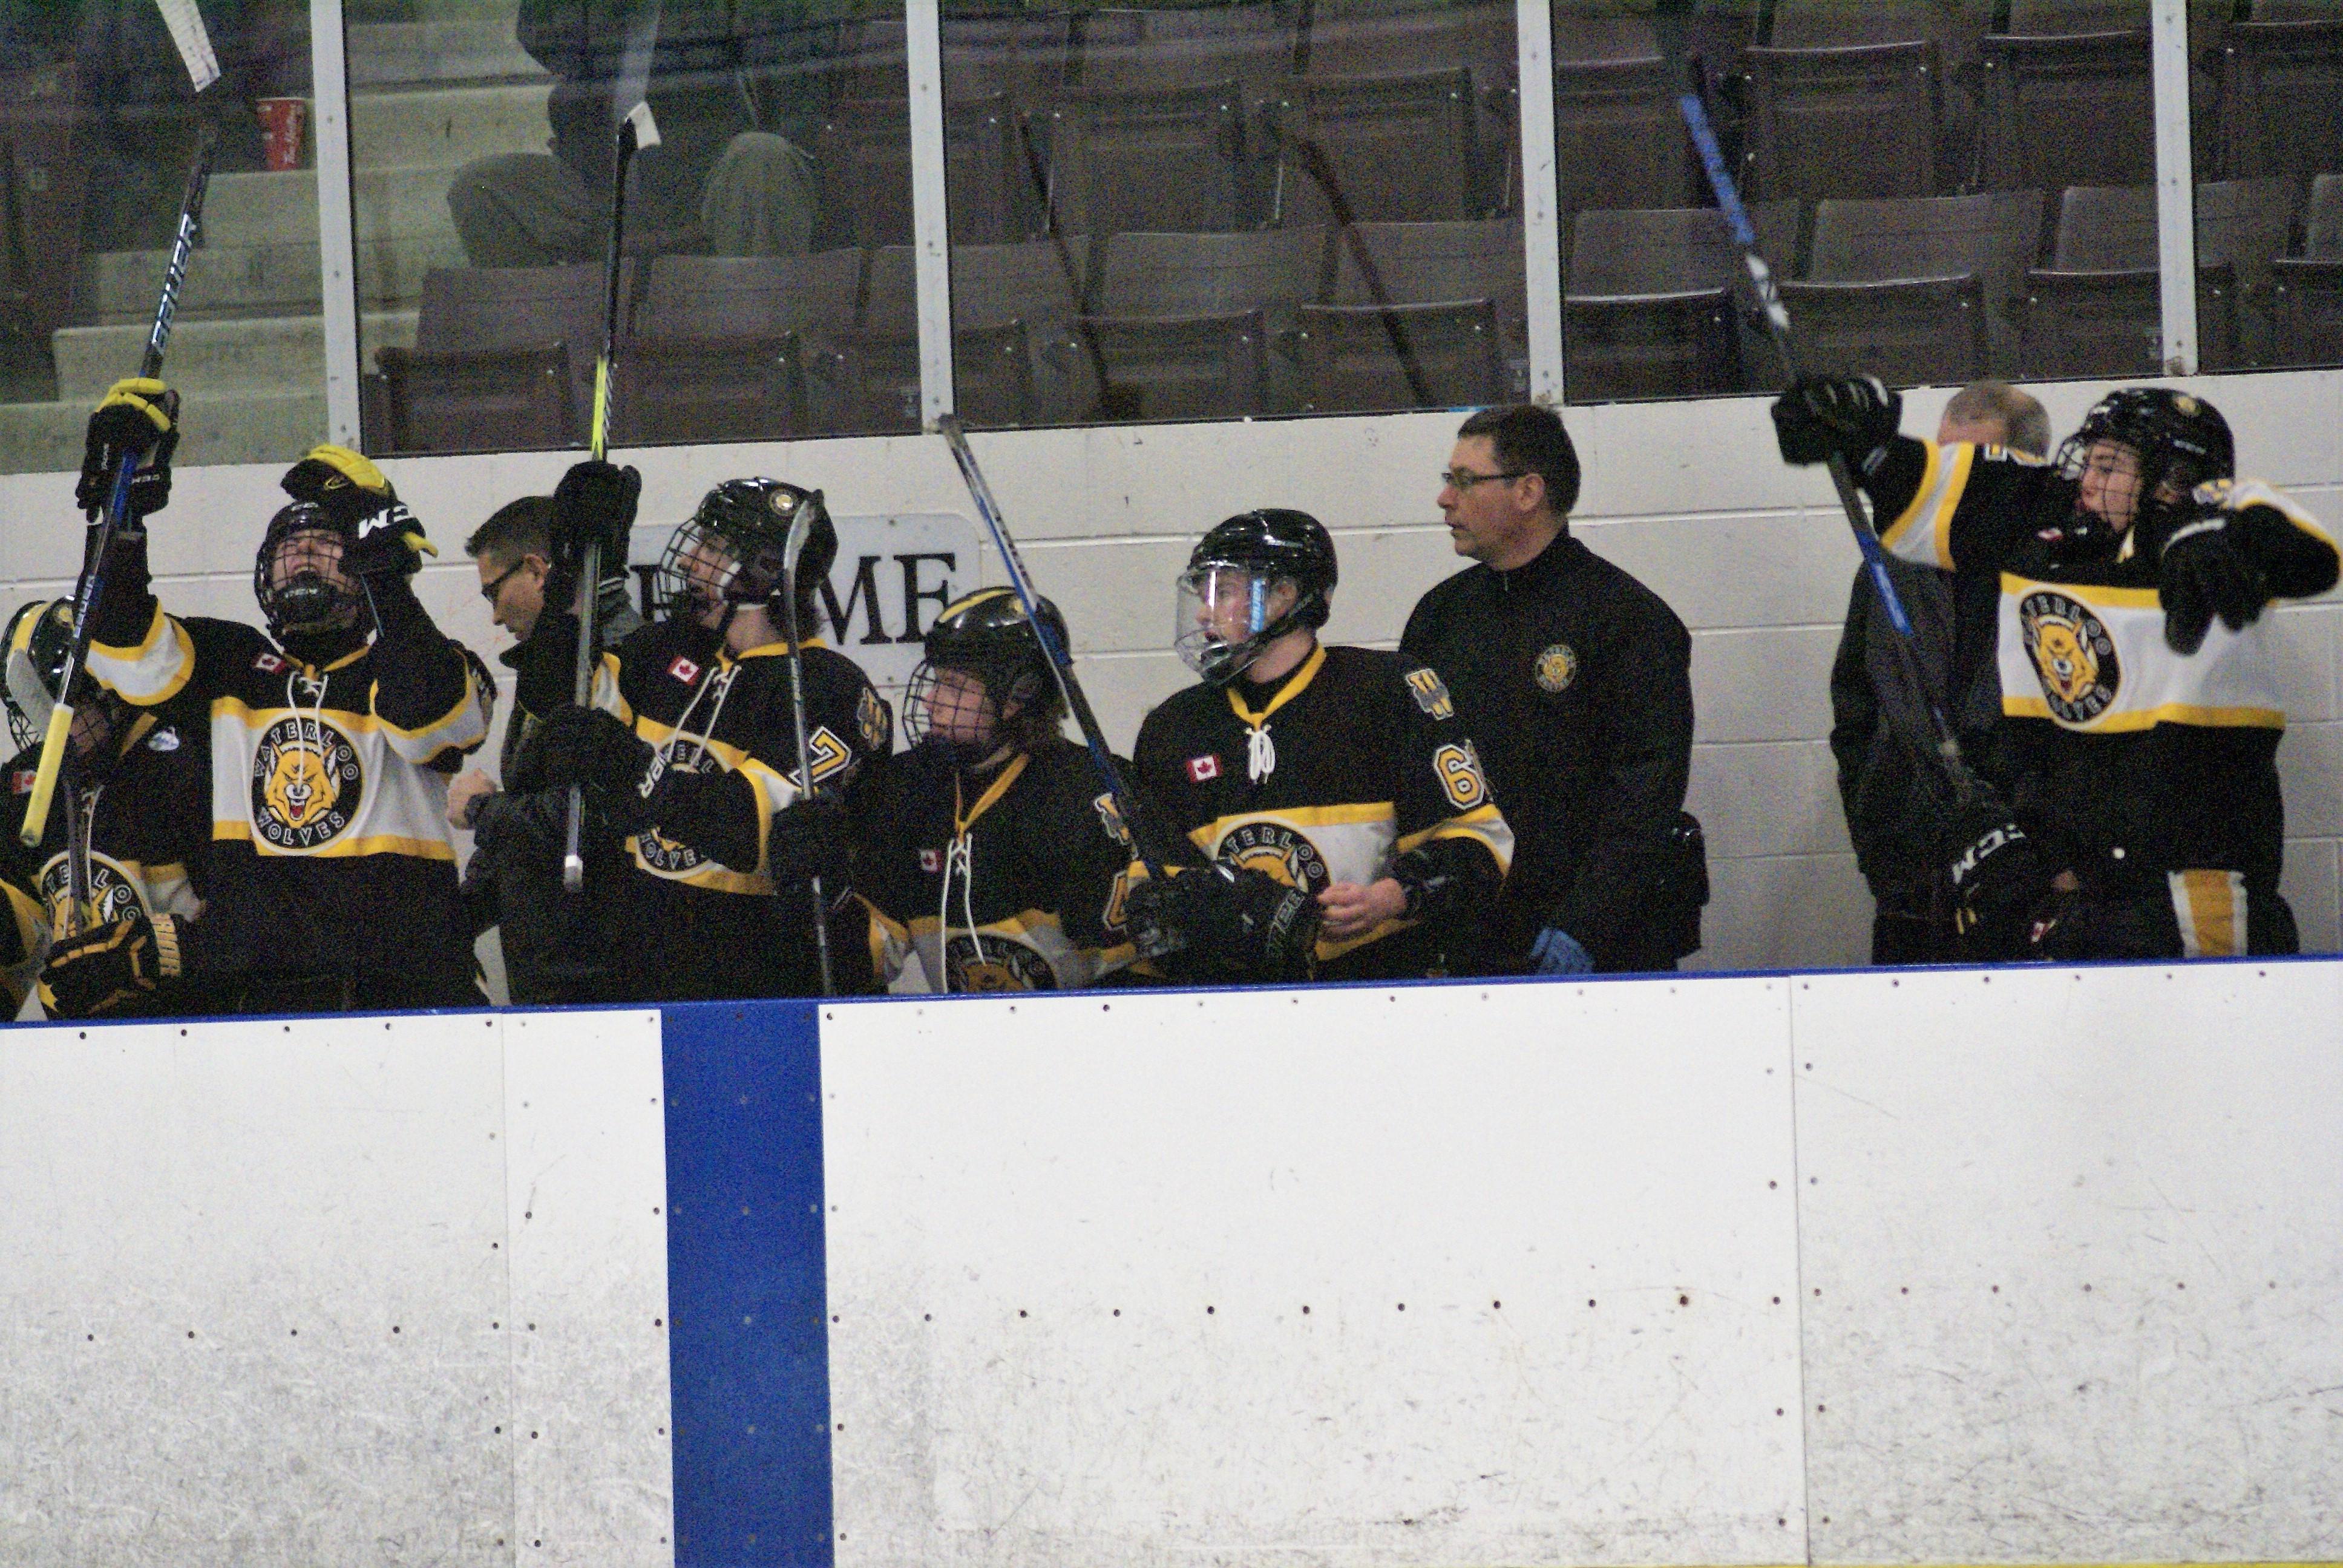 Waterloo wolves aaa midget hockey